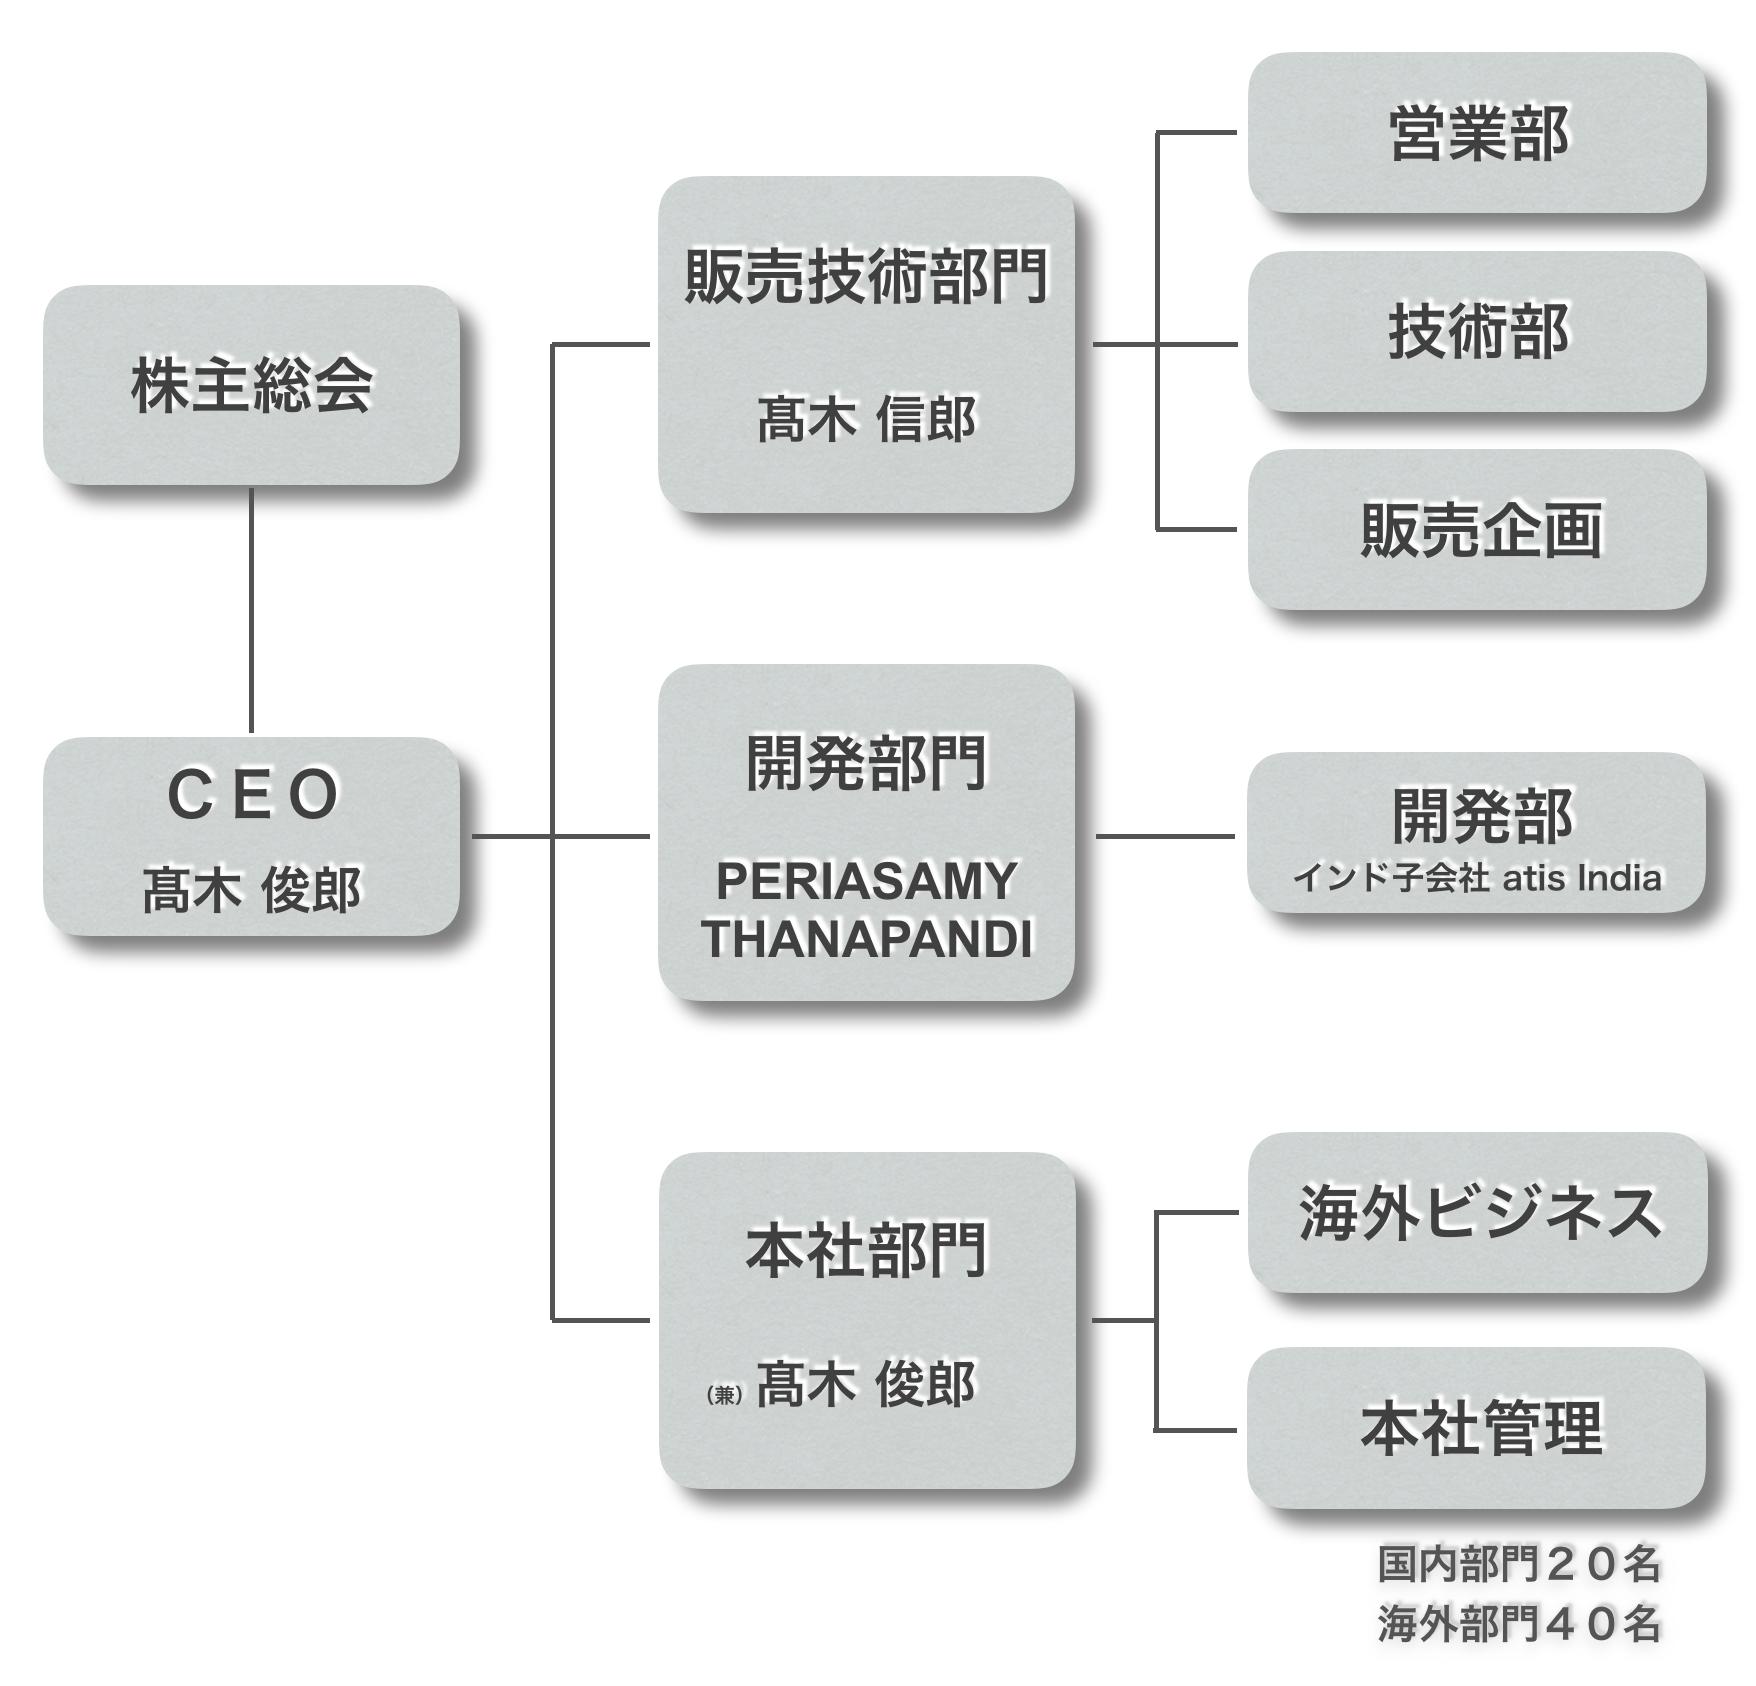 アルファTKG組織図